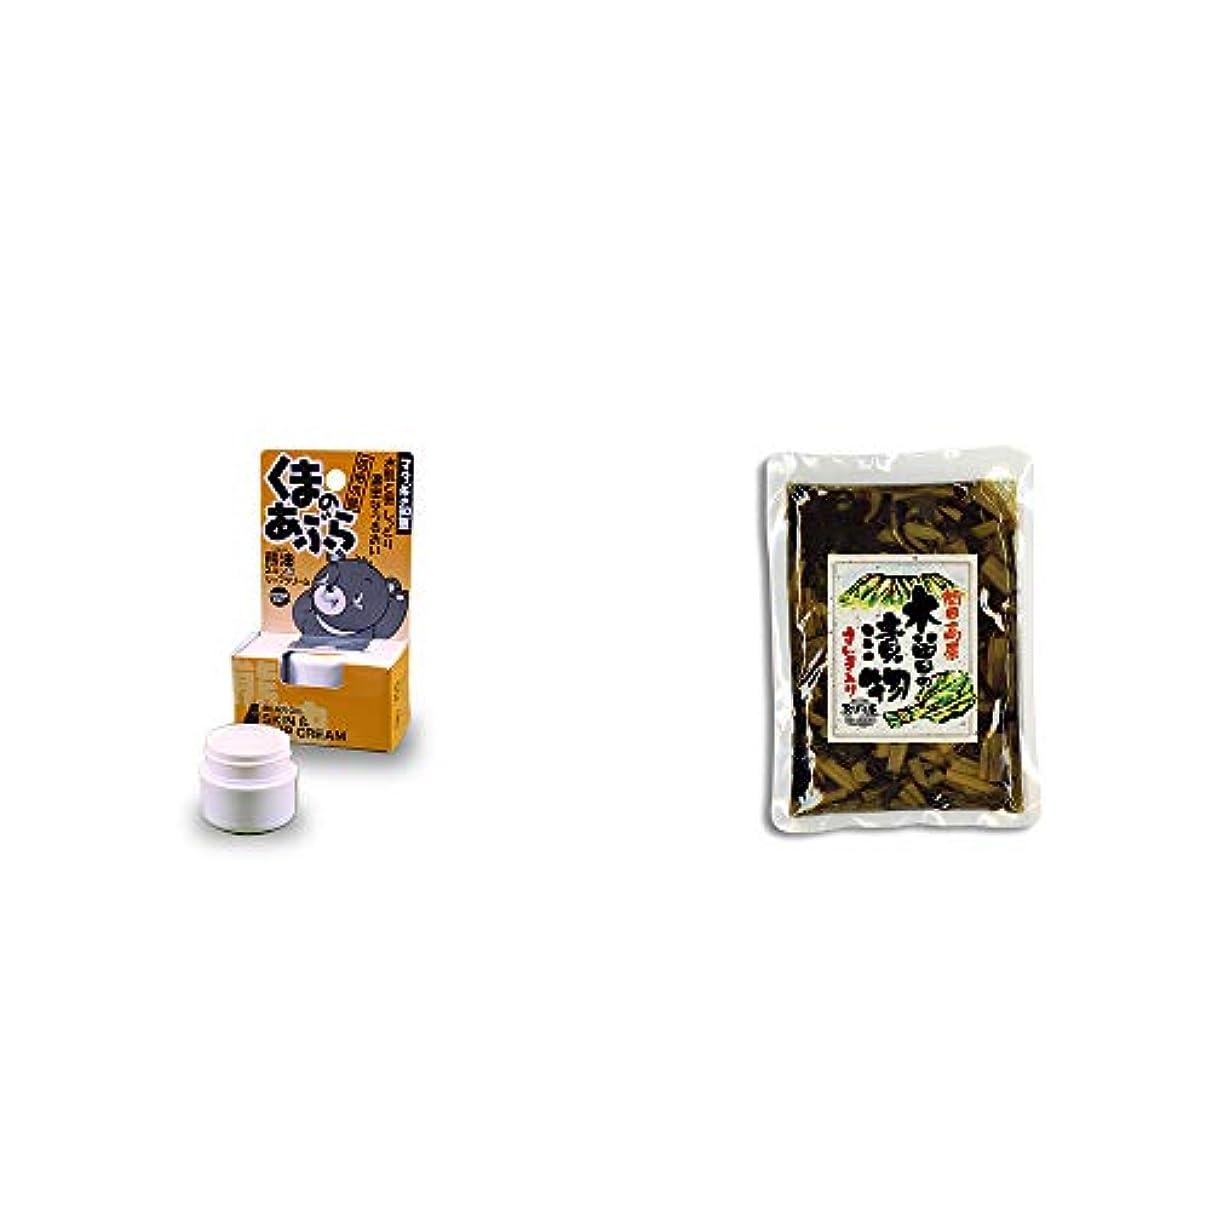 余裕がある口頭健康的[2点セット] 信州木曽 くまのあぶら 熊油スキン&リップクリーム(9g)?【年中販売】木曽の漬物 すんき入り(200g) / すんき漬け味付加工品 //